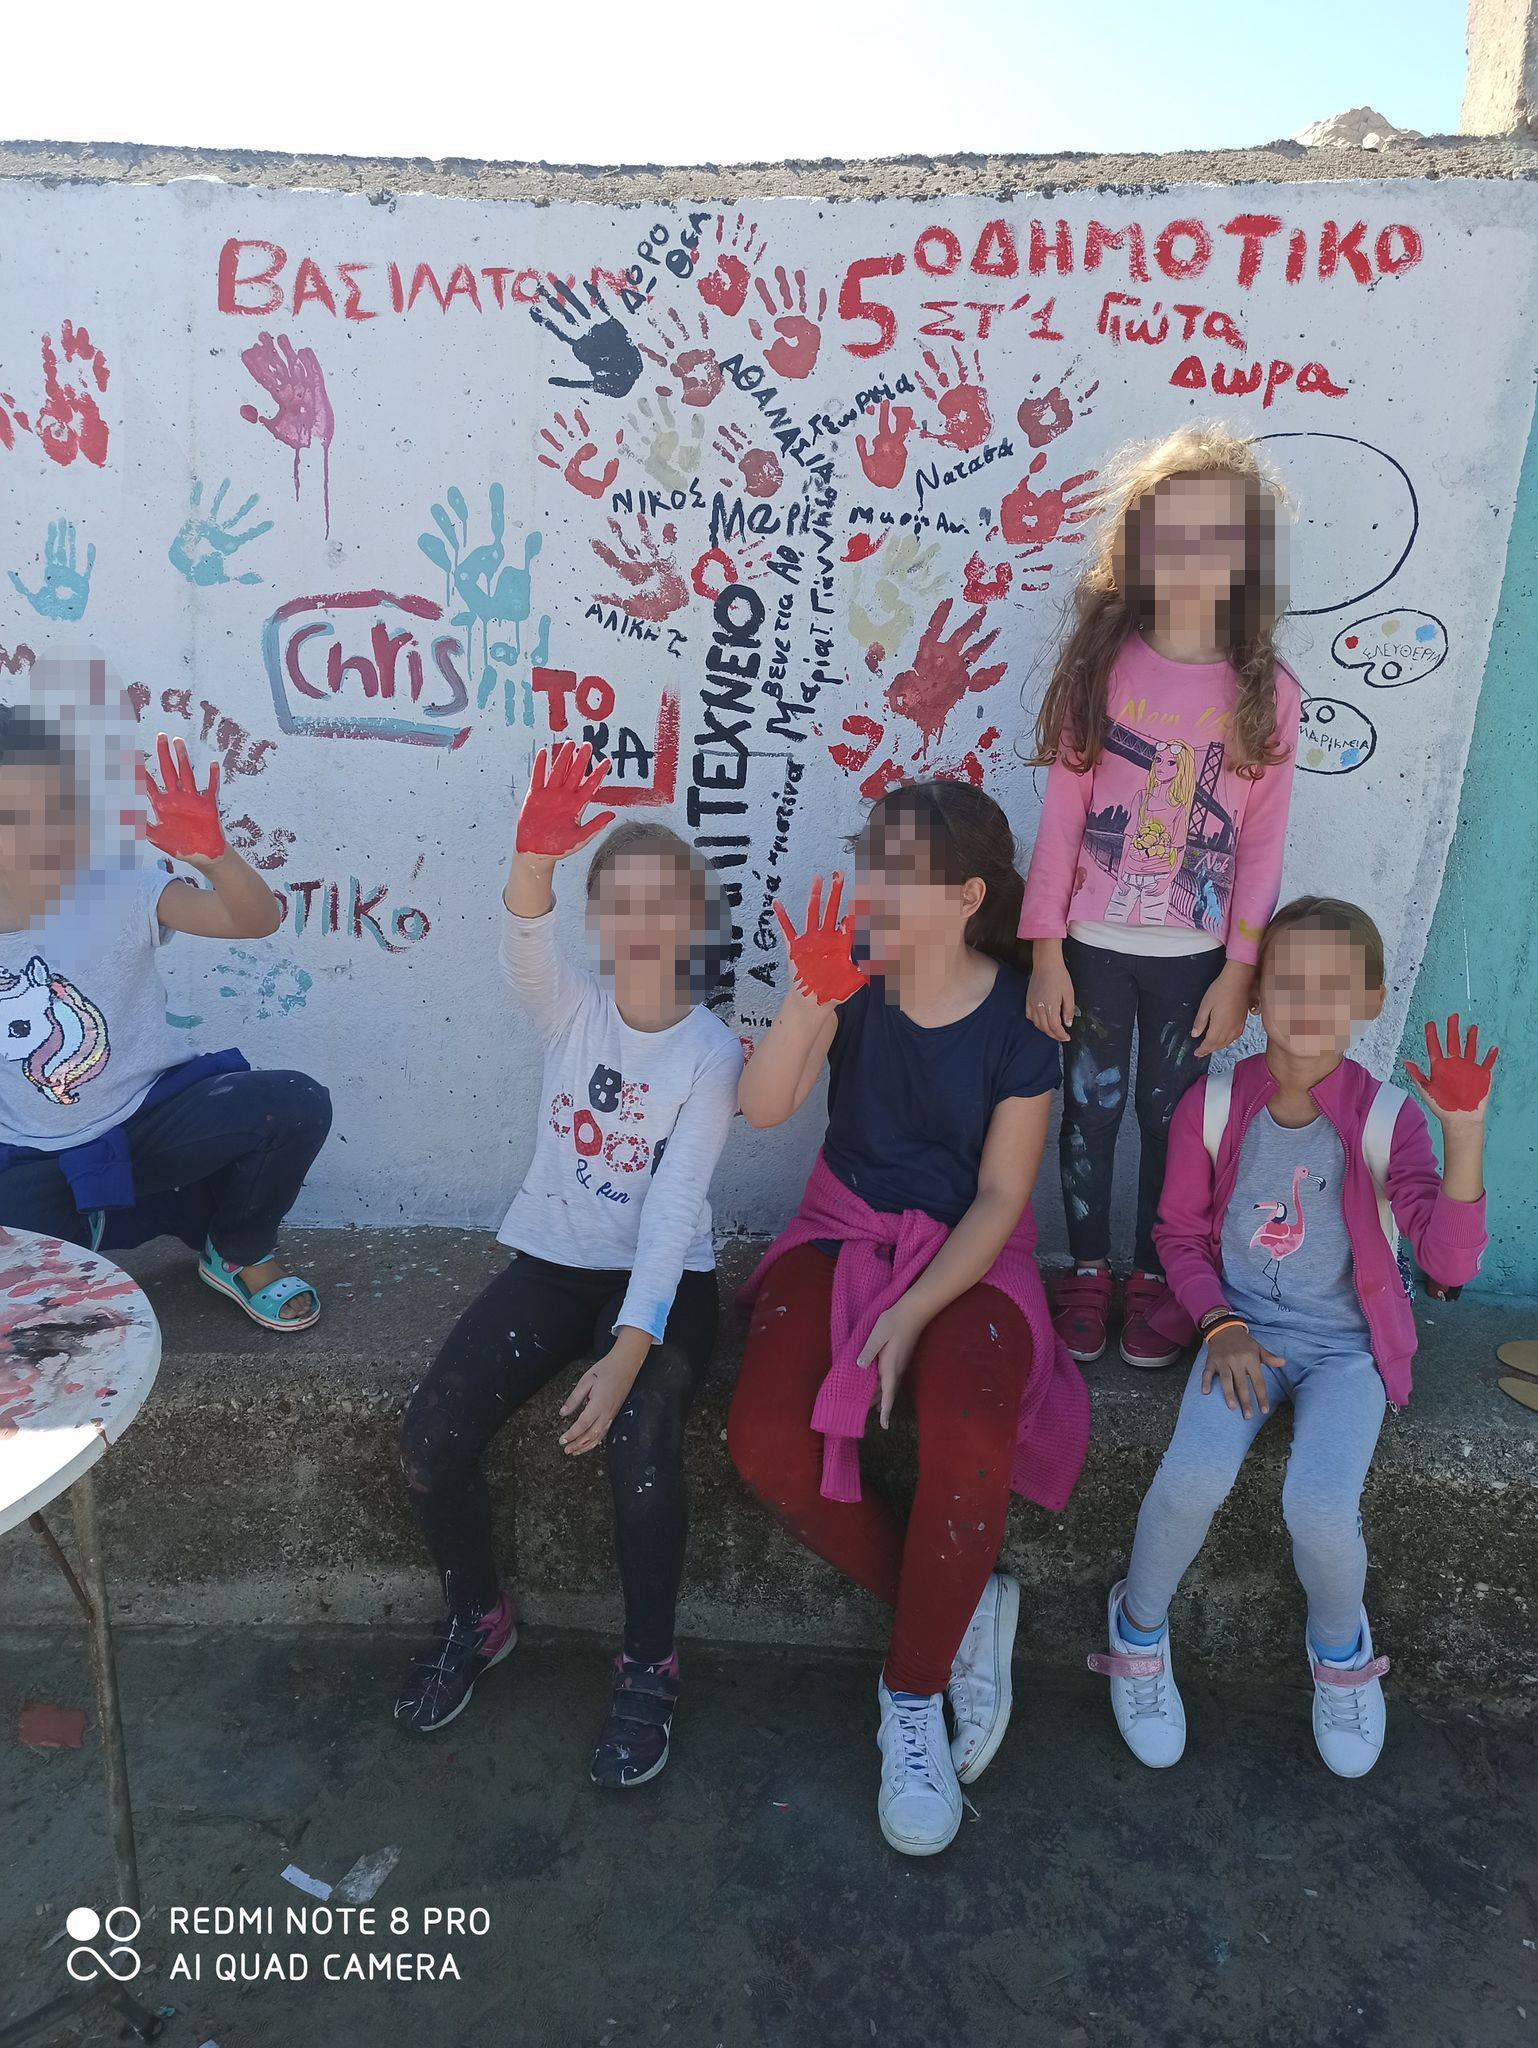 Δήμος Ήλιδας: Η τοιχογραφία του Παλουκίου στο χάρτη με τις κορυφαίες ελληνικές τοιχογραφίες- Παγκόσμια ημέρα street art και ειδικό αφιέρωμα για δημιουργίες σε όλη την Ελλάδα (photos) - Iliaweb Νέα απο την